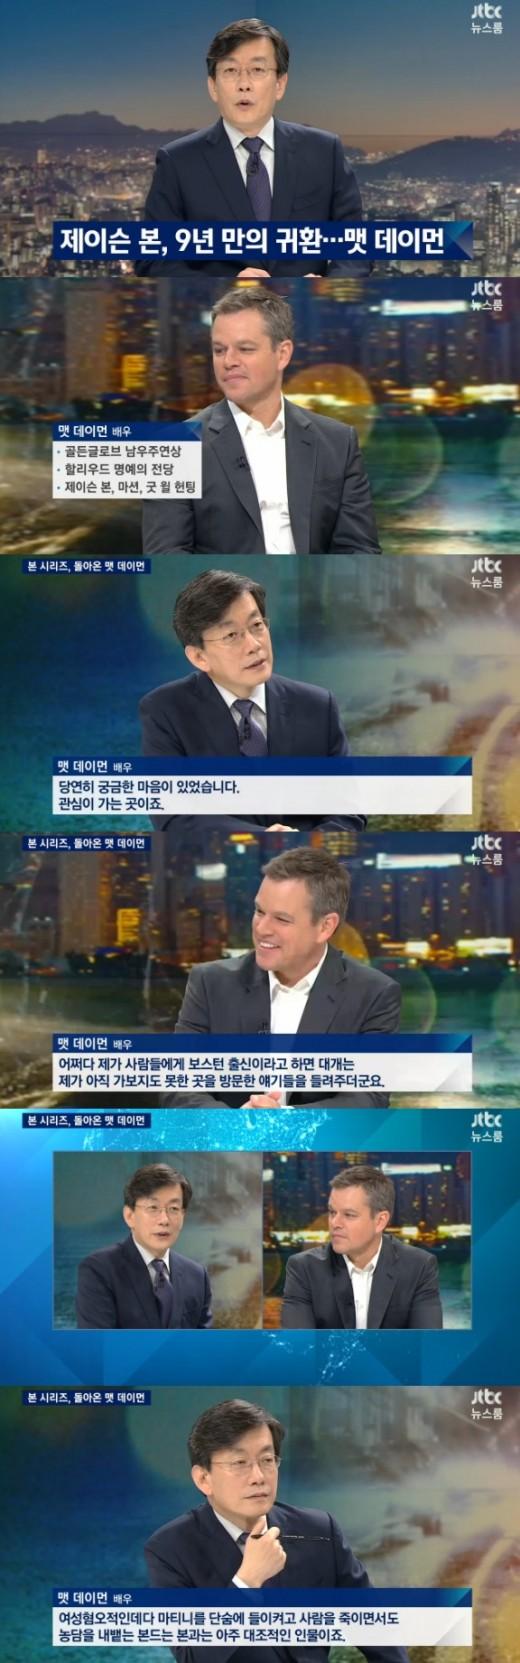 뉴스룸 손석희-맷 데이먼/사진=JTBC뉴스룸